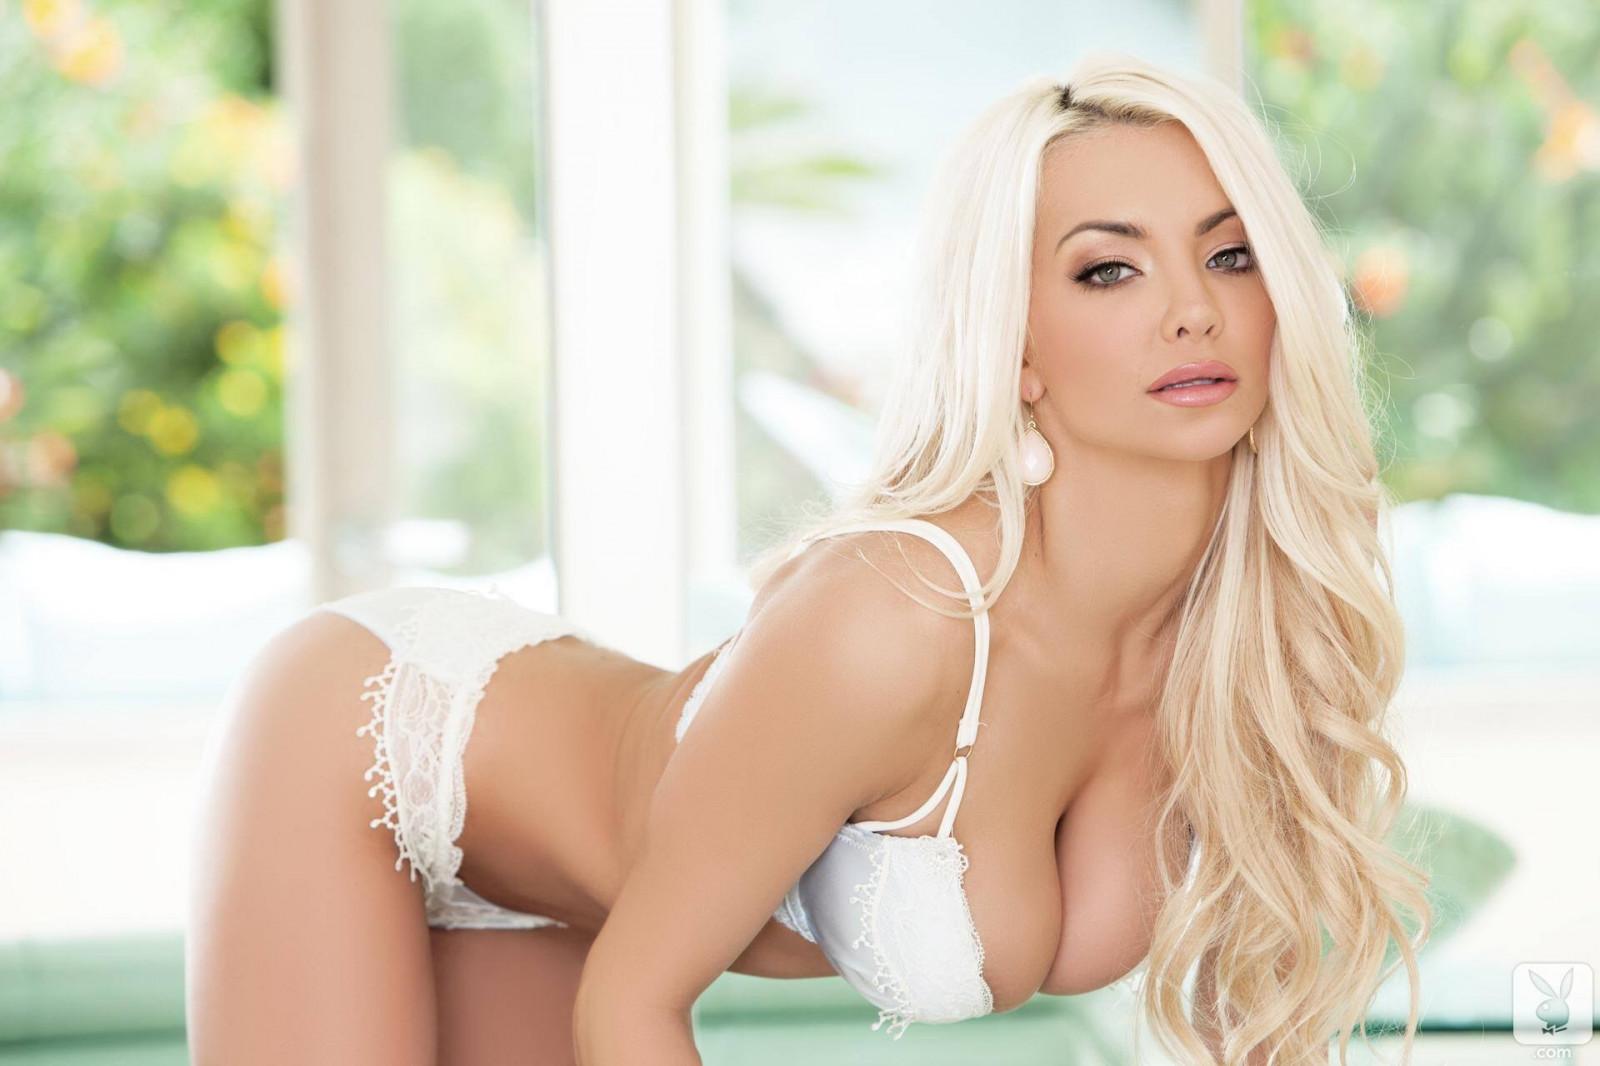 Порно блондинок в фул нд делают